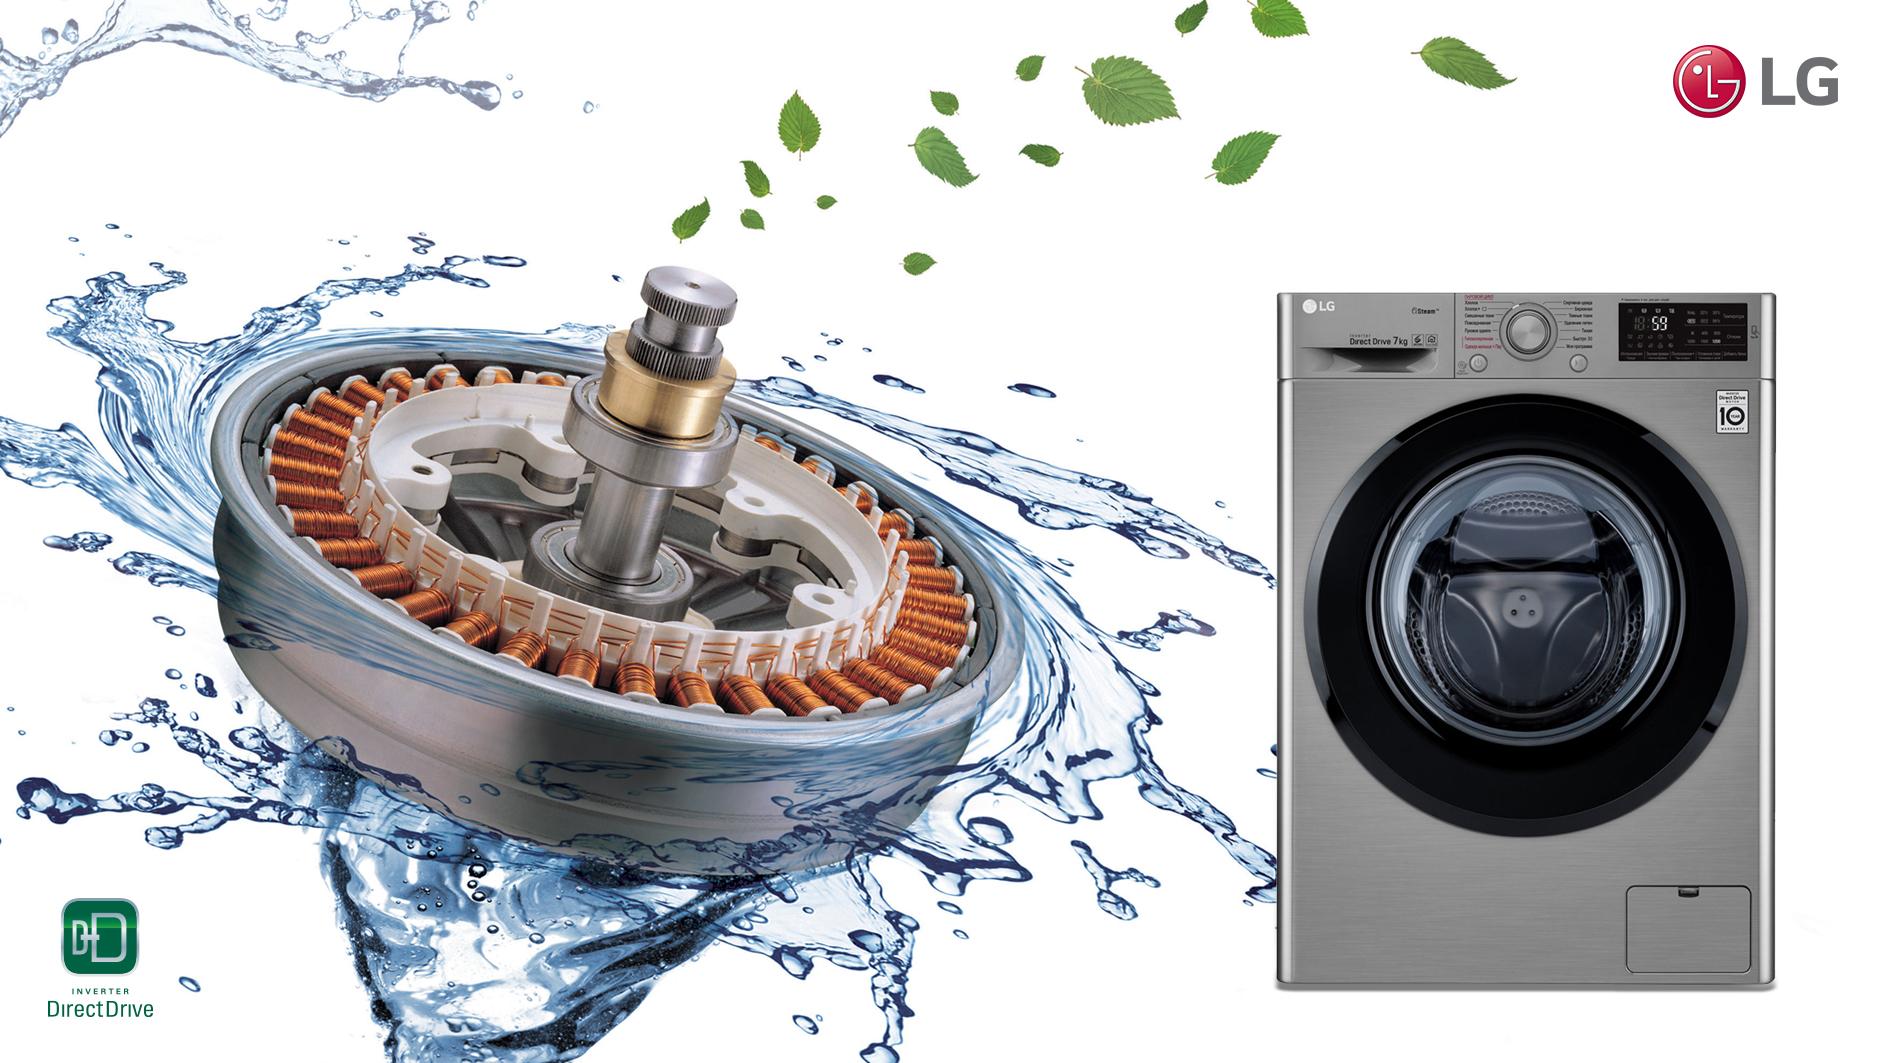 Будь в тренде_технологии стиральных машин 2019 - стиральная машина с прямым двигателем